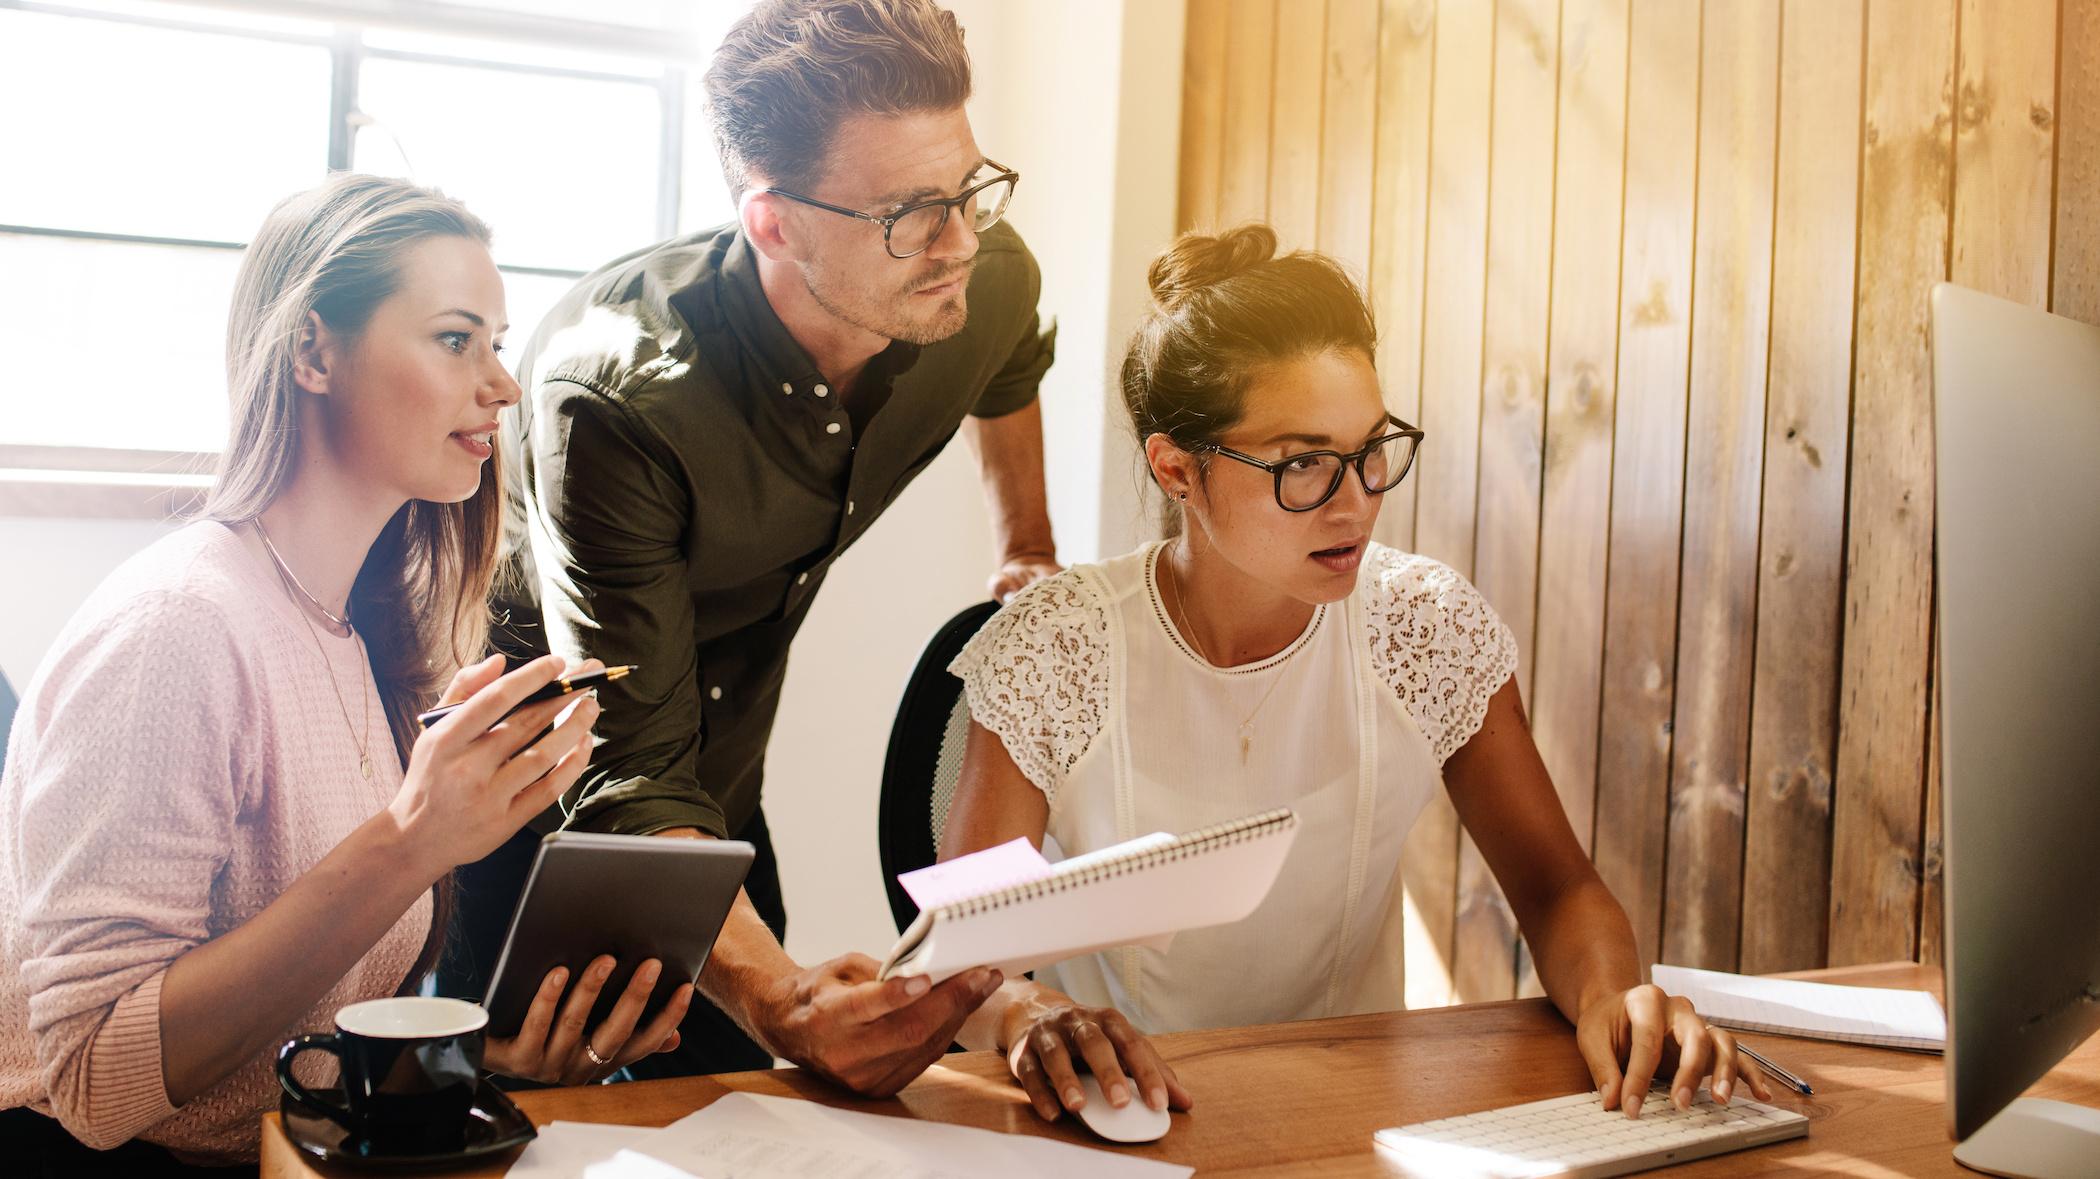 Accompagner les objectifs stratégiques d'un grand groupe par le digital learning